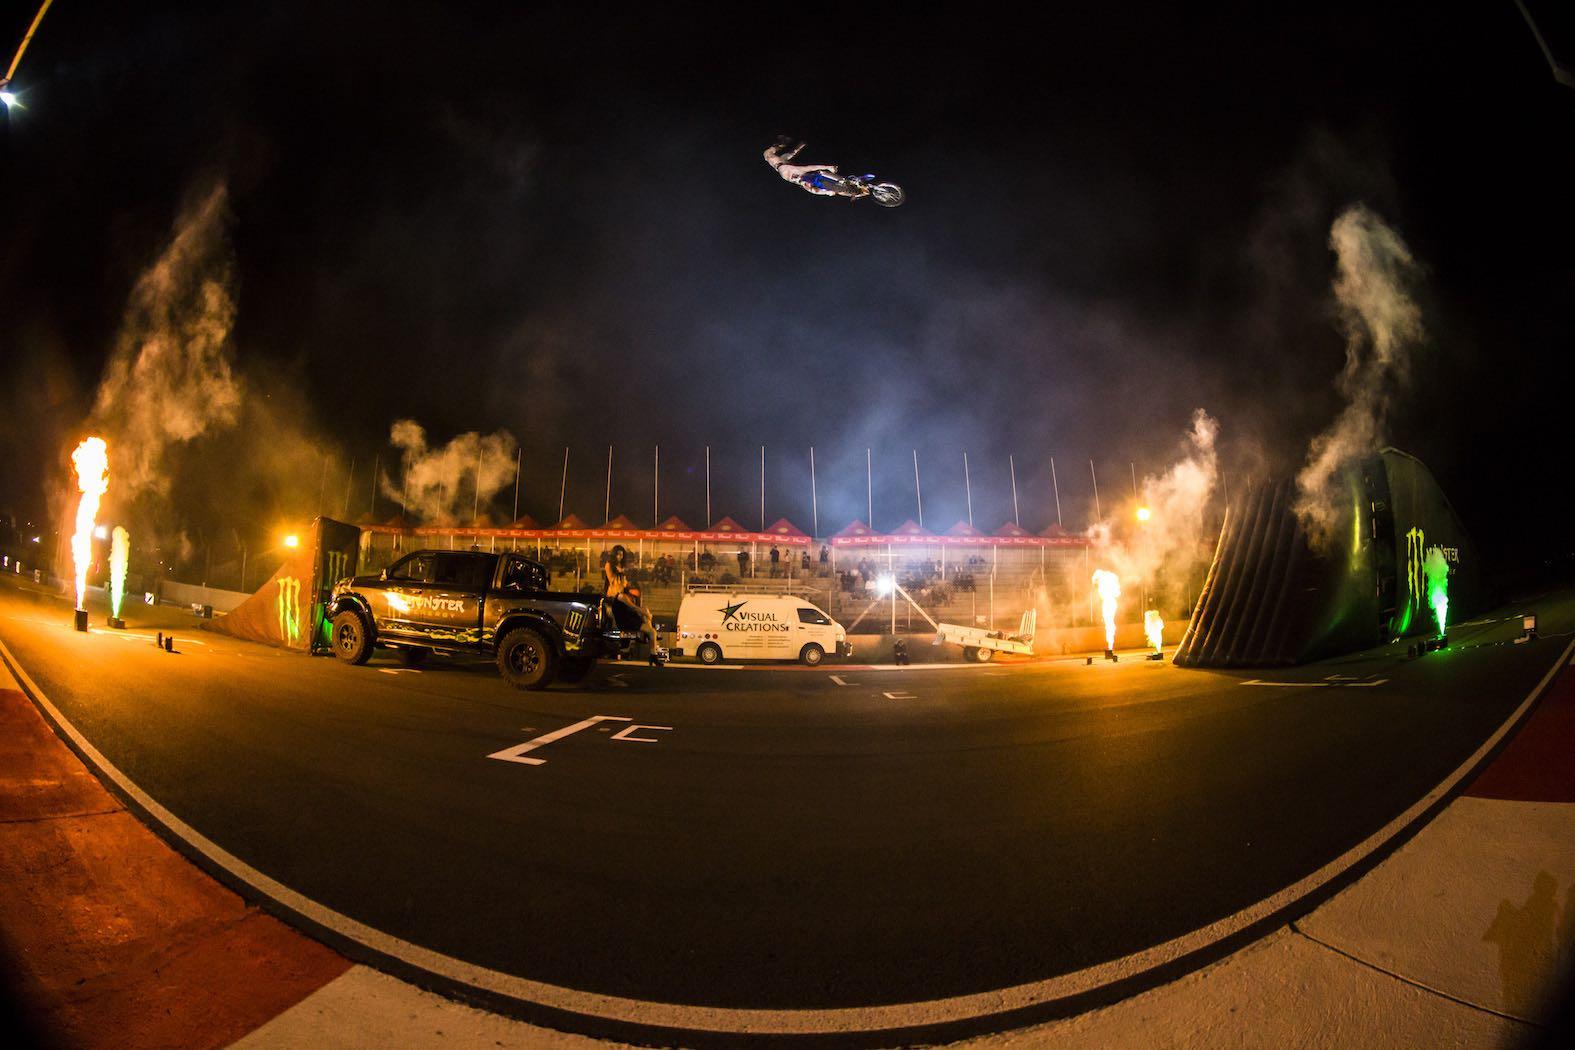 Monster Energy Freestyle Motocross Flight Night